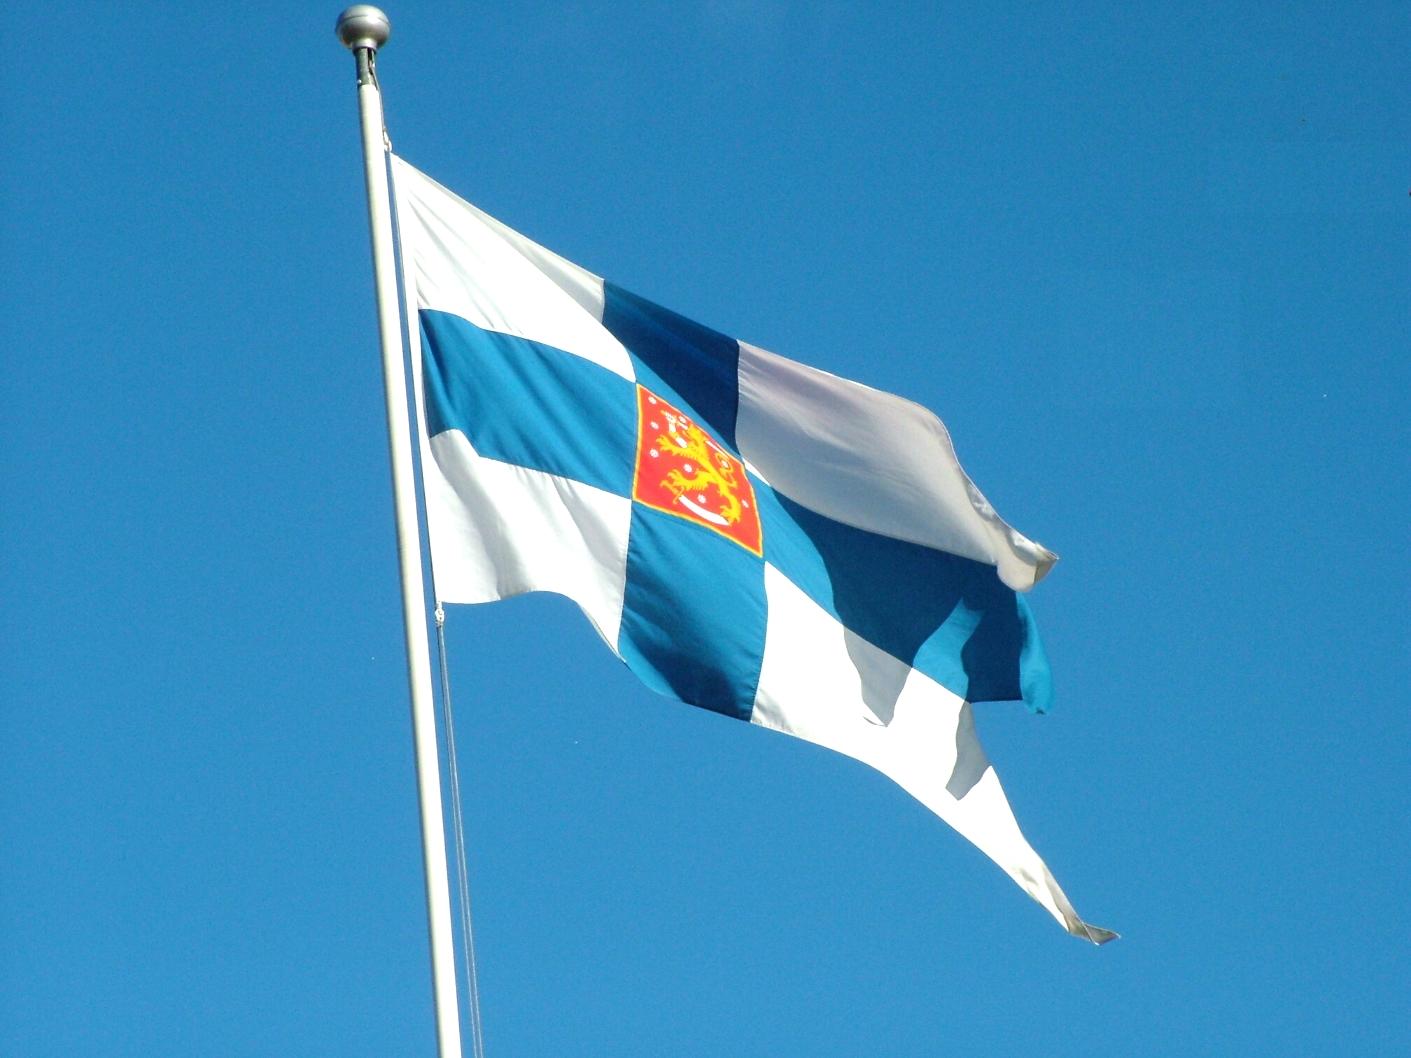 Flag_of_finland.JPG